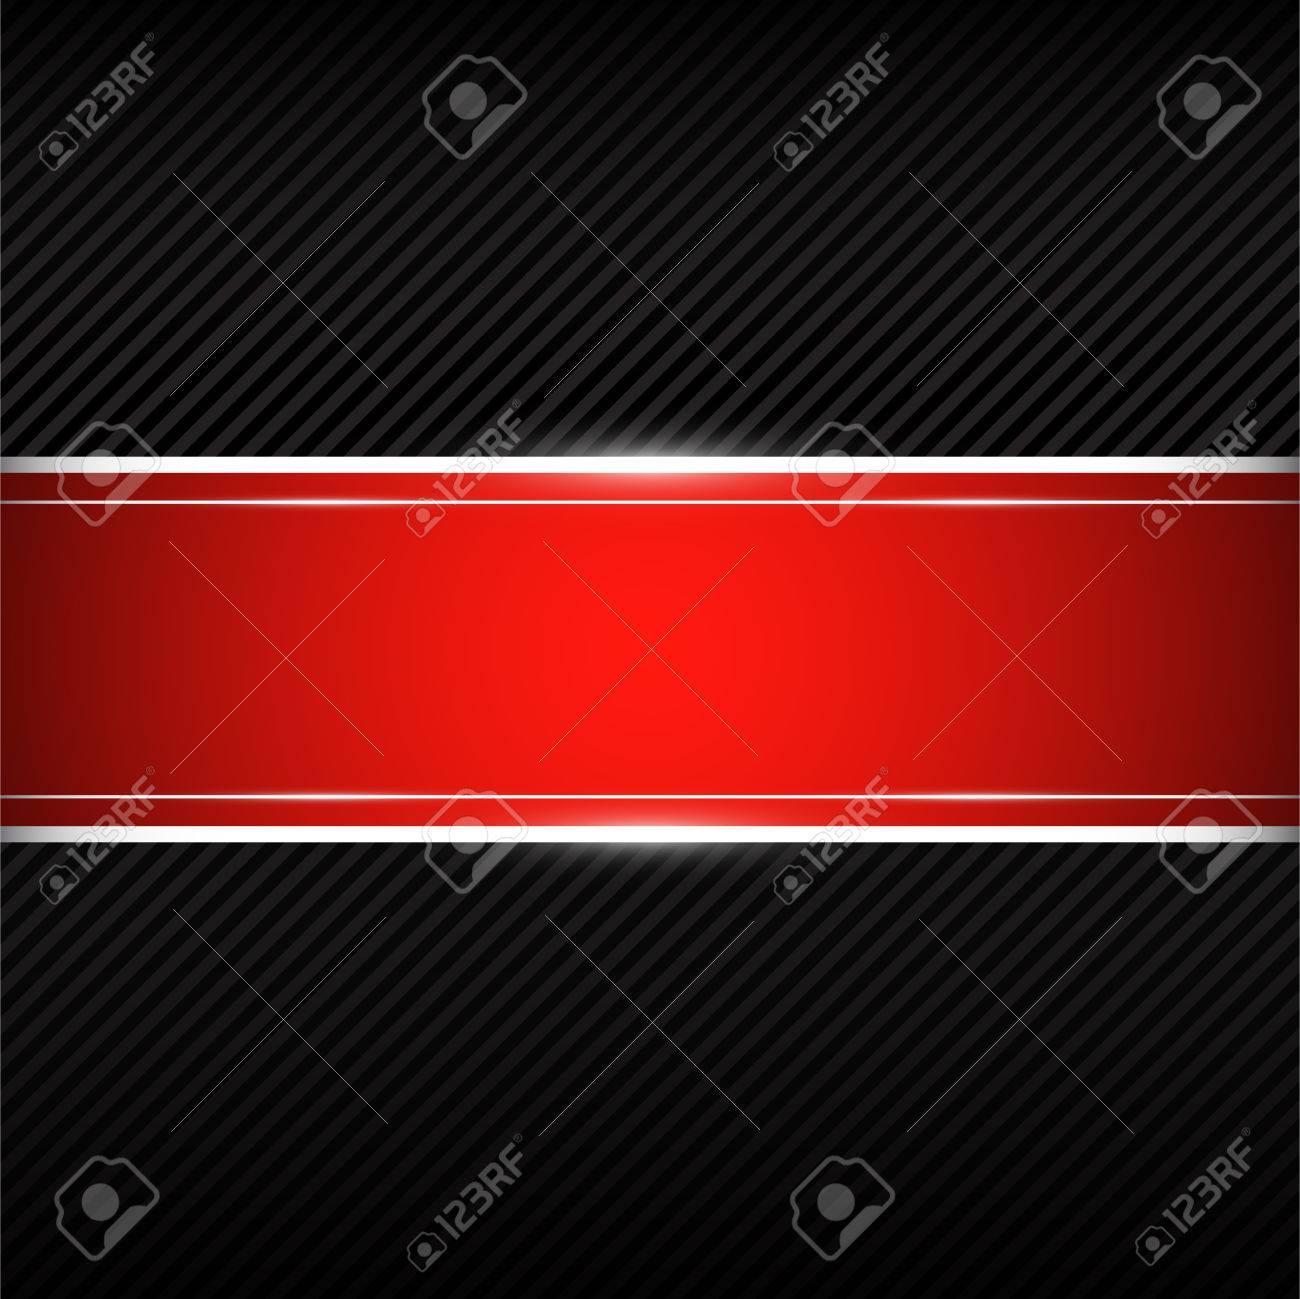 Connu Fond Noir Avec Bannière Rouge Clip Art Libres De Droits , Vecteurs  PK61